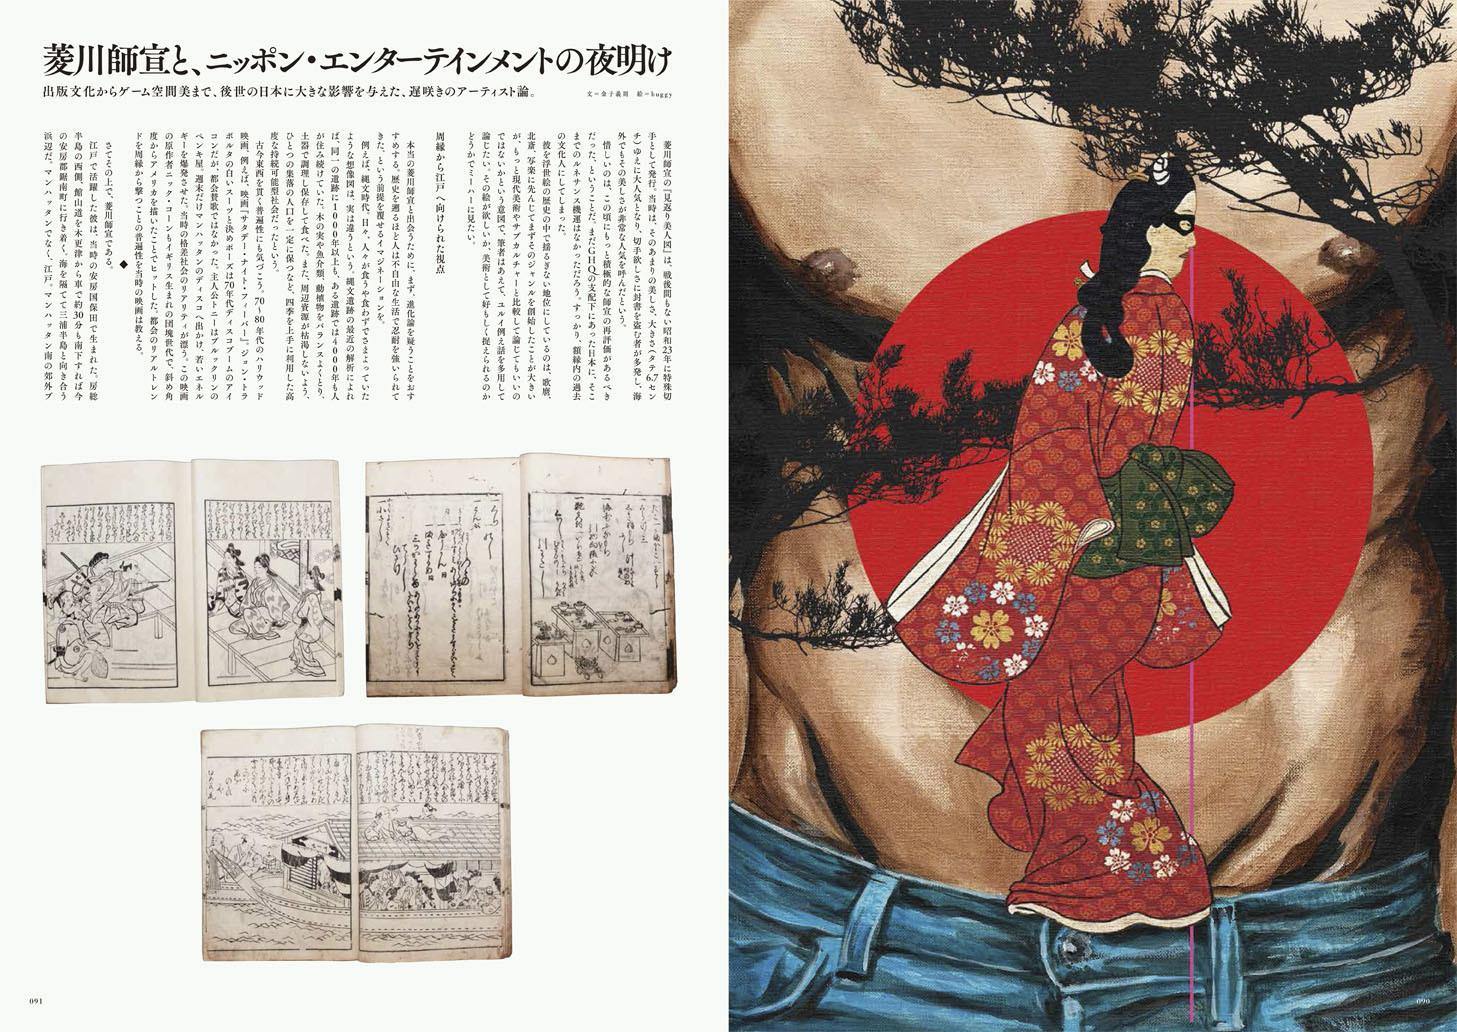 菱川師宣と、ニッポン・エンターテイメントの夜明け